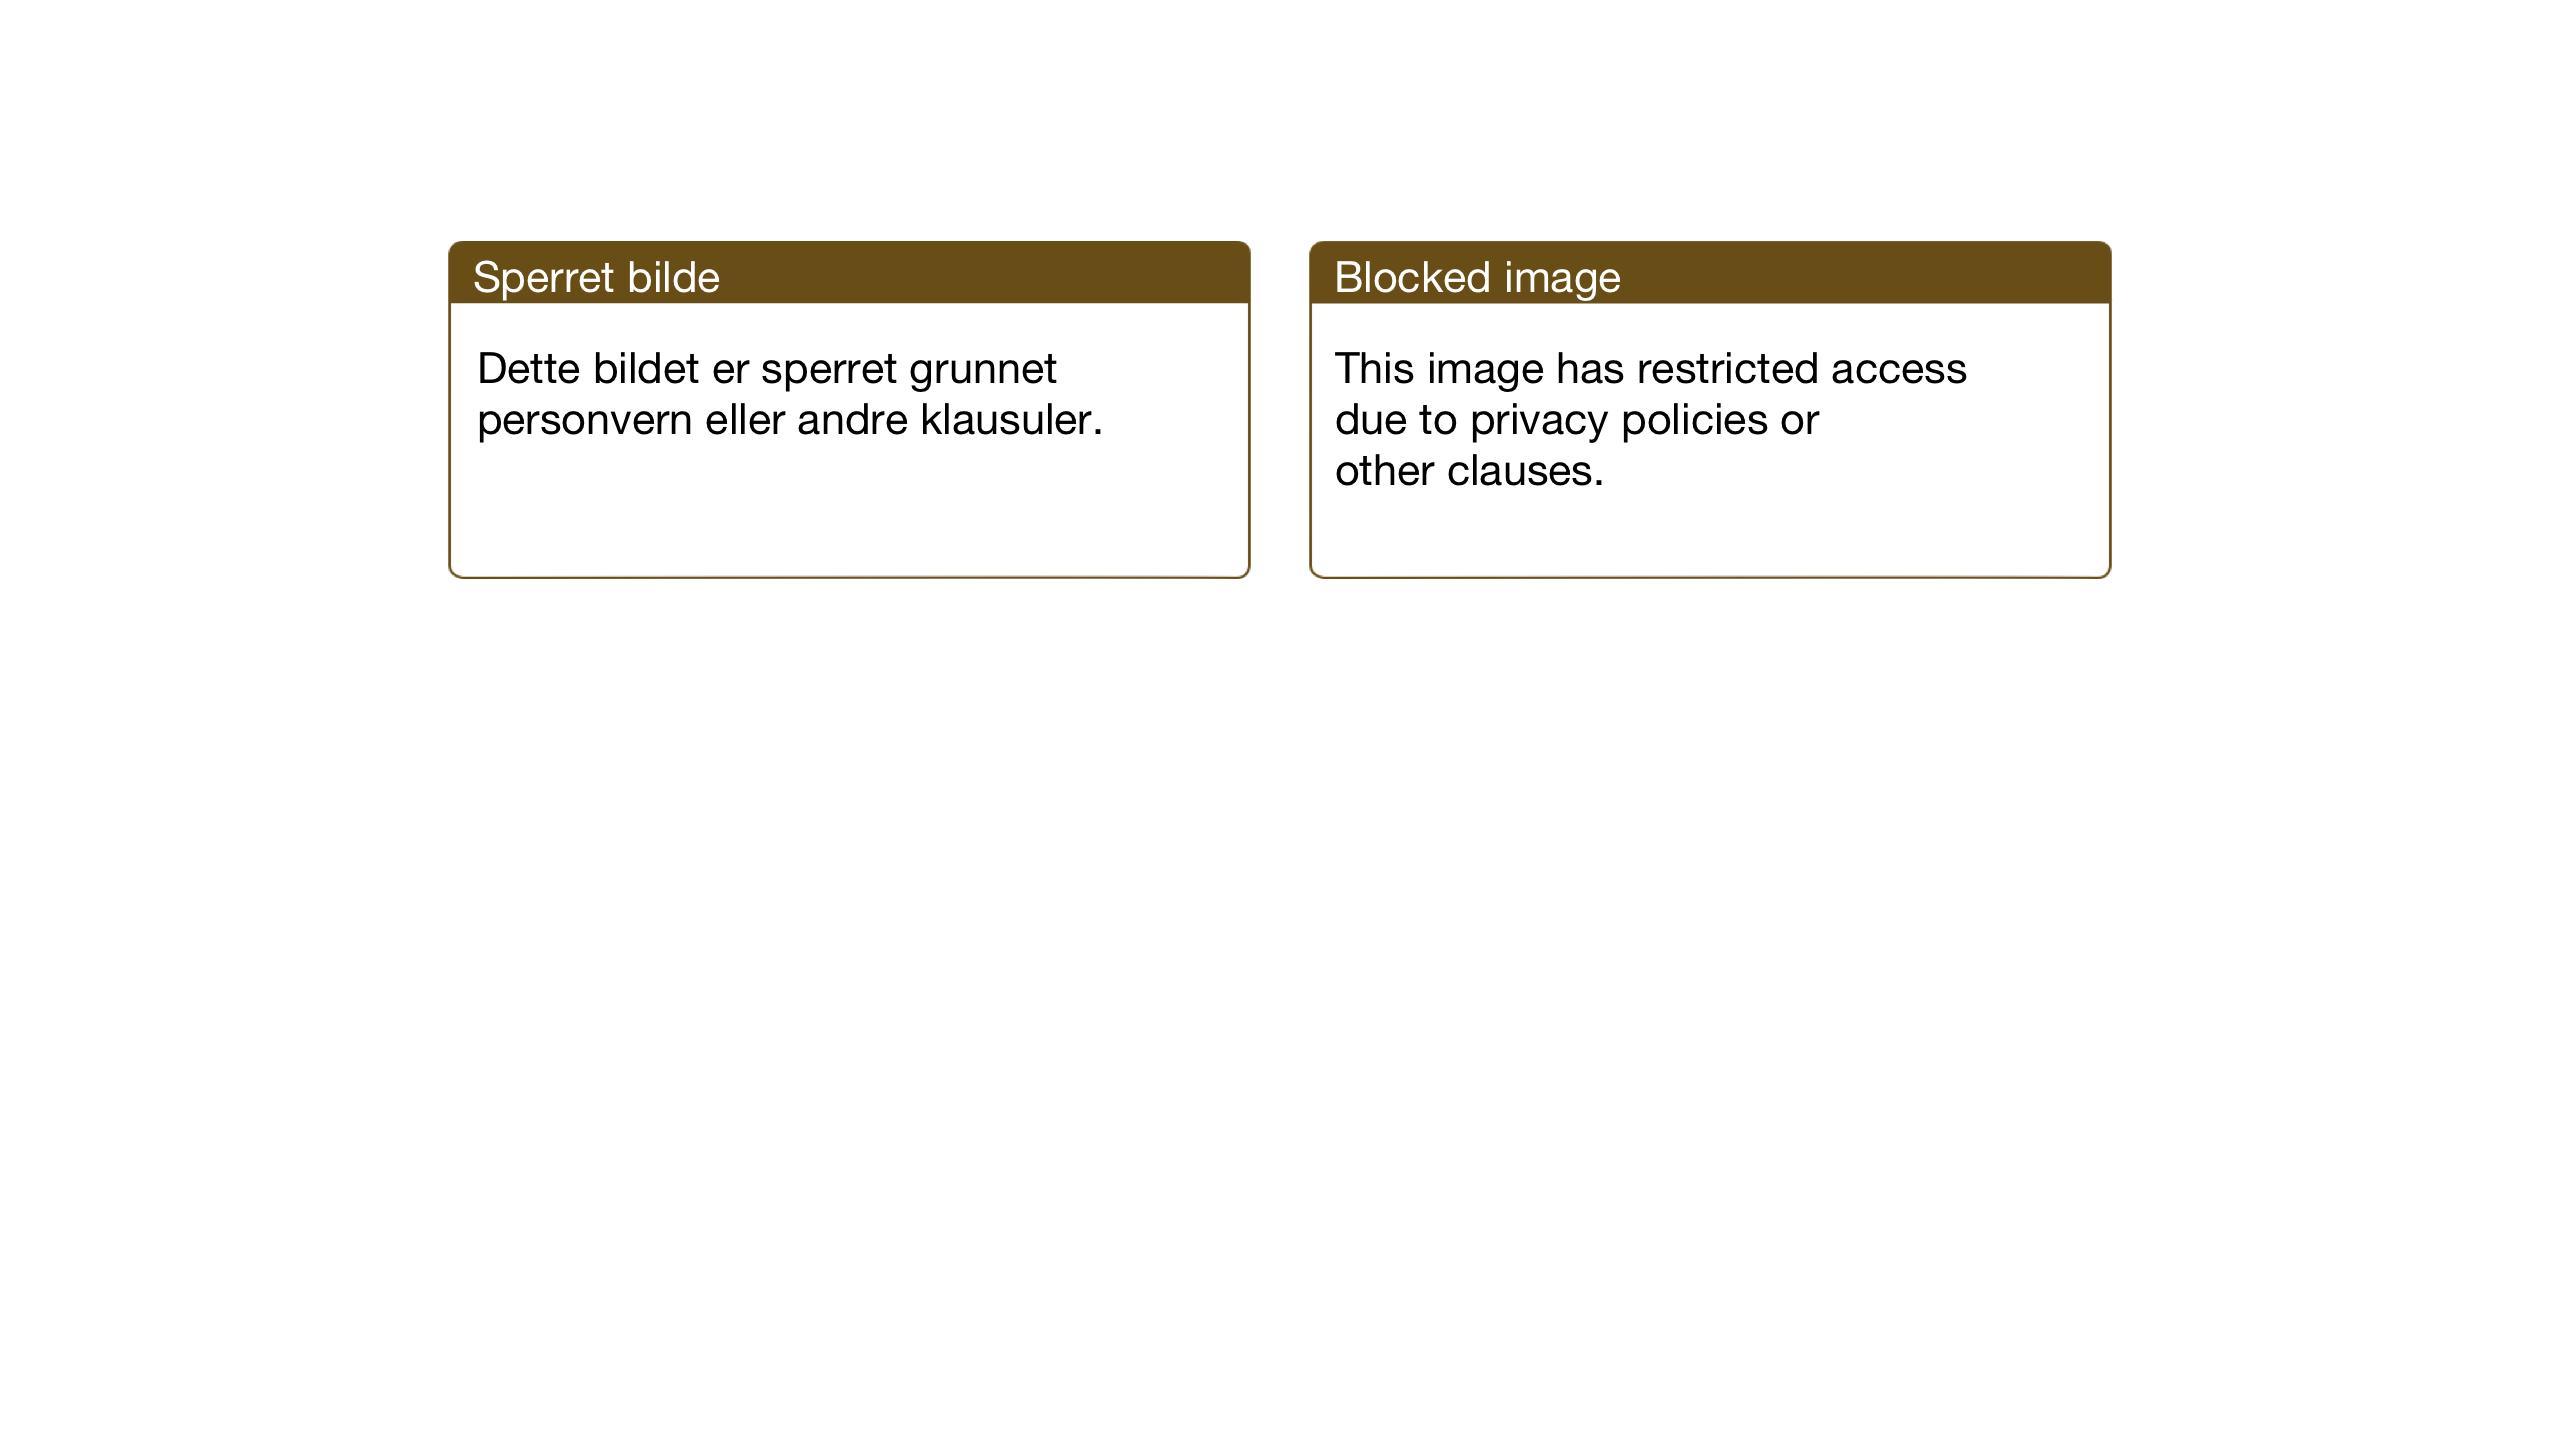 SAT, Ministerialprotokoller, klokkerbøker og fødselsregistre - Sør-Trøndelag, 665/L0778: Klokkerbok nr. 665C03, 1916-1938, s. 52